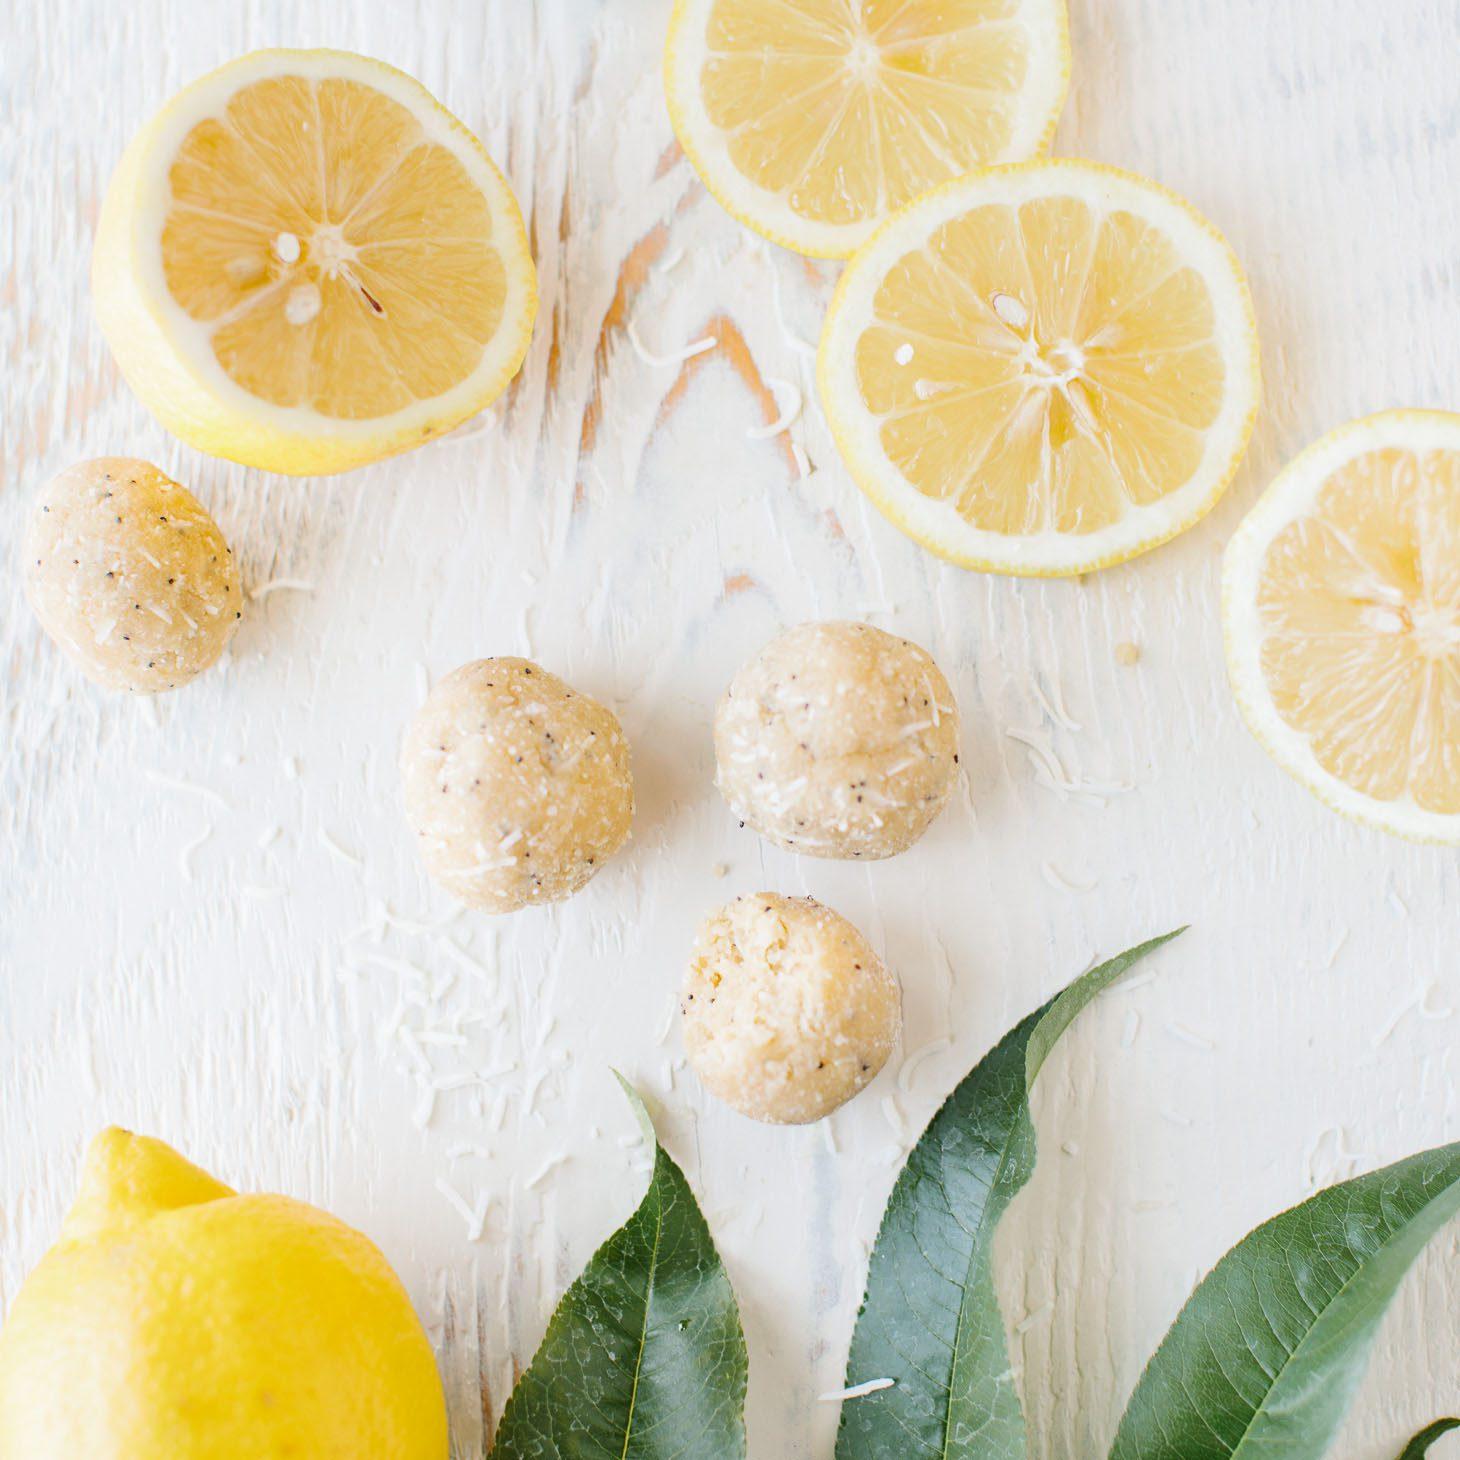 Lemon Coconut Poppy Seed Balls